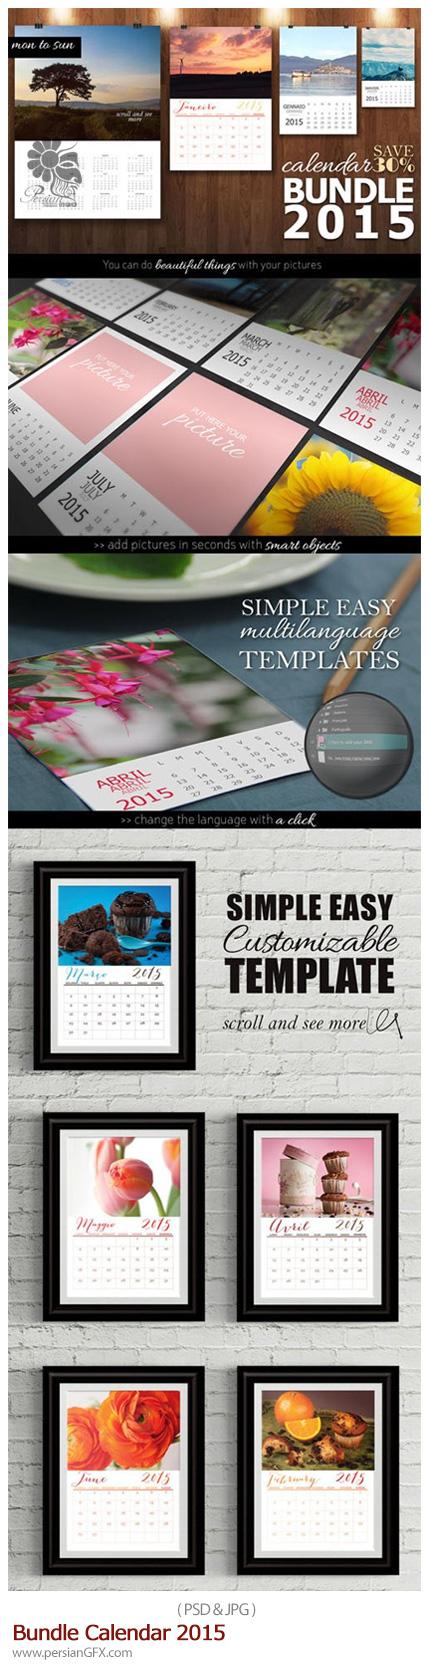 دانلود تصاویر لایه باز قالب آماده فریم با تقویم 2015 - Bundle Calendar 2015